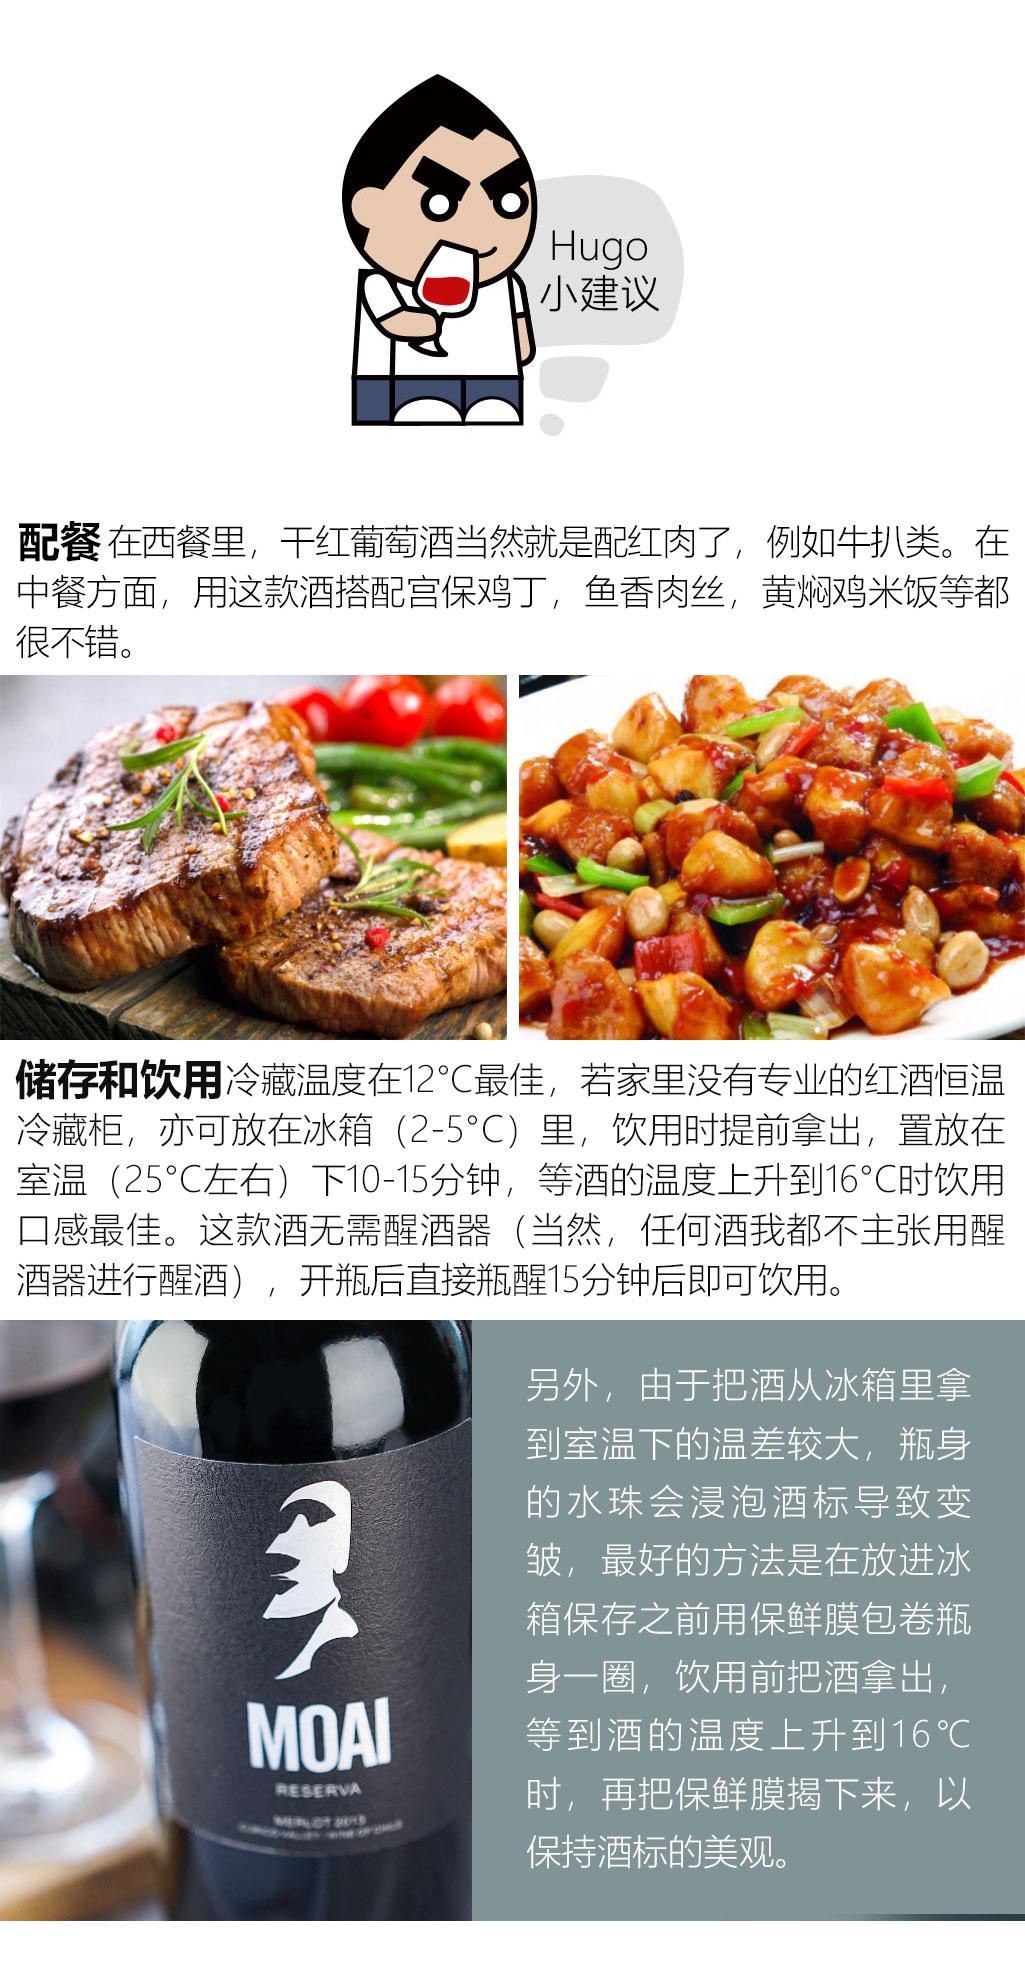 梅洛人头红酒内页-拷贝_03.jpg